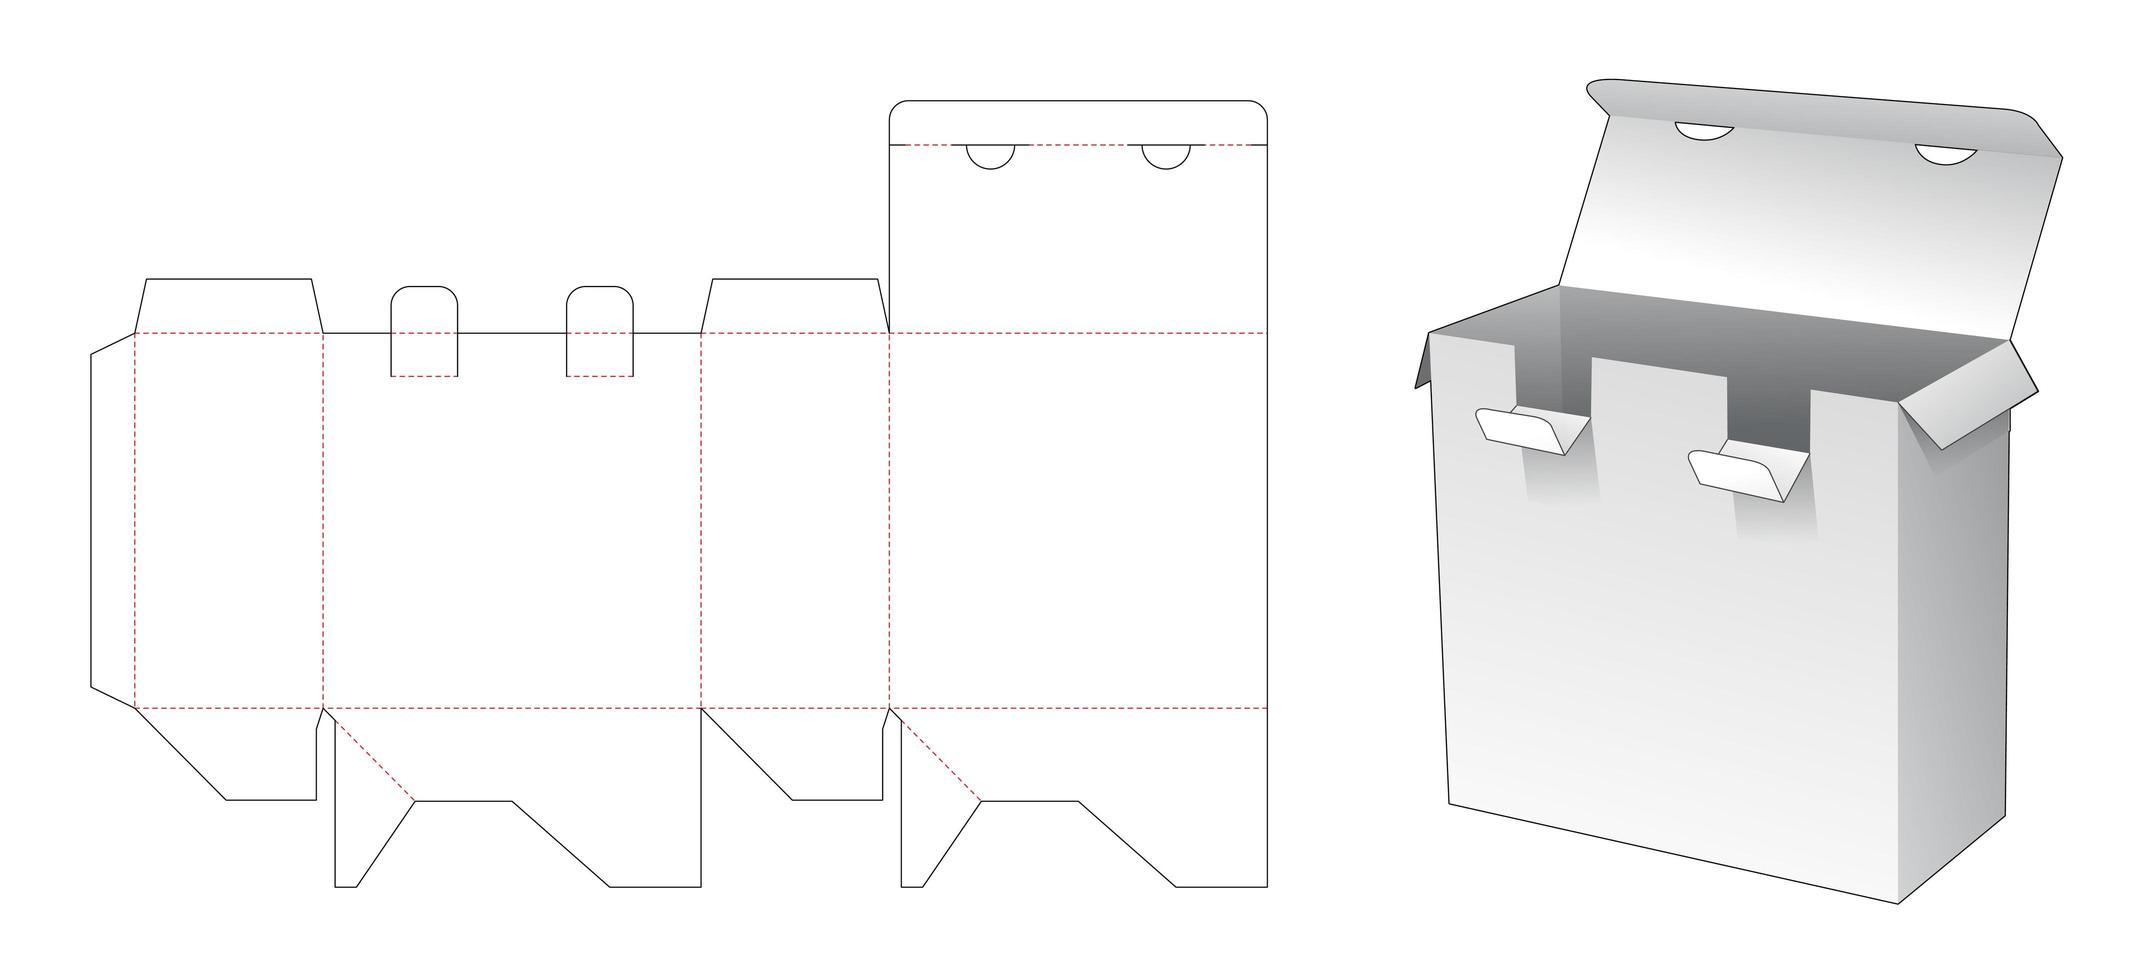 Boîte d'emballage 2 points de verrouillage vecteur